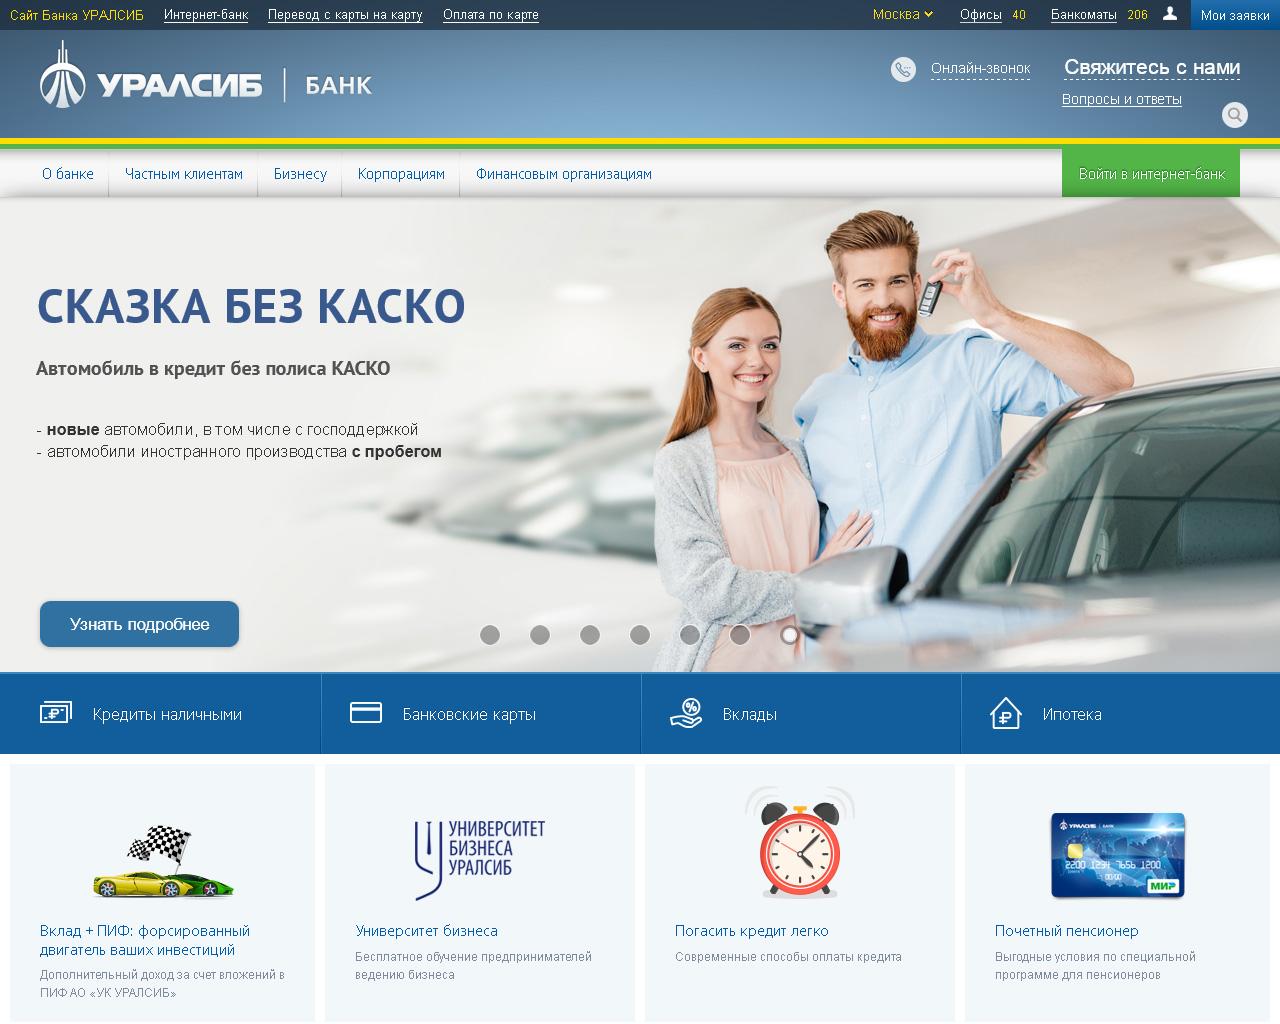 Официальный сайт Уралсиб